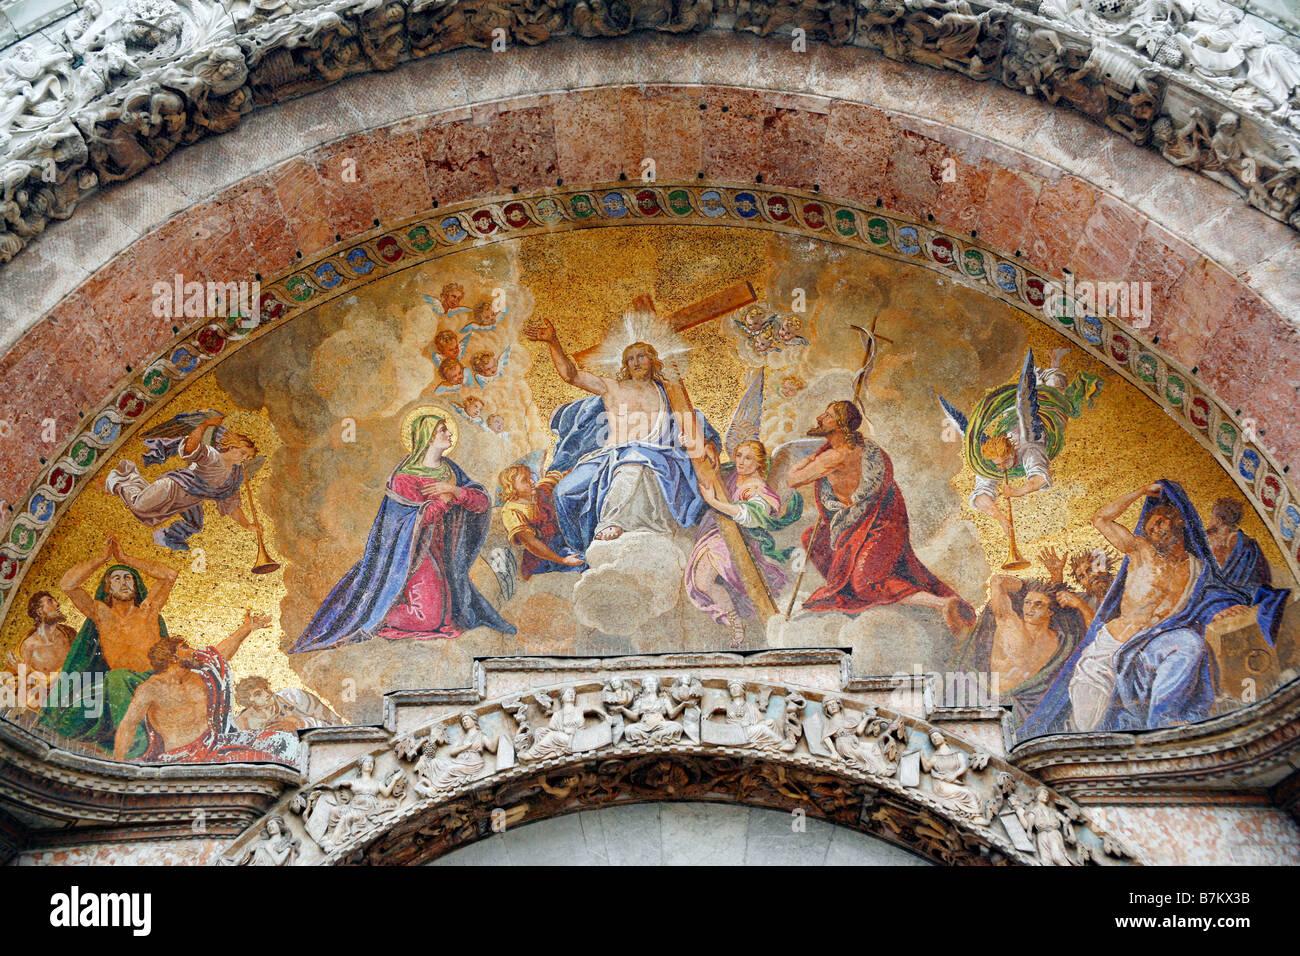 Fresco mosaico sobre la fachada de la Basílica de San Marcos, la ...